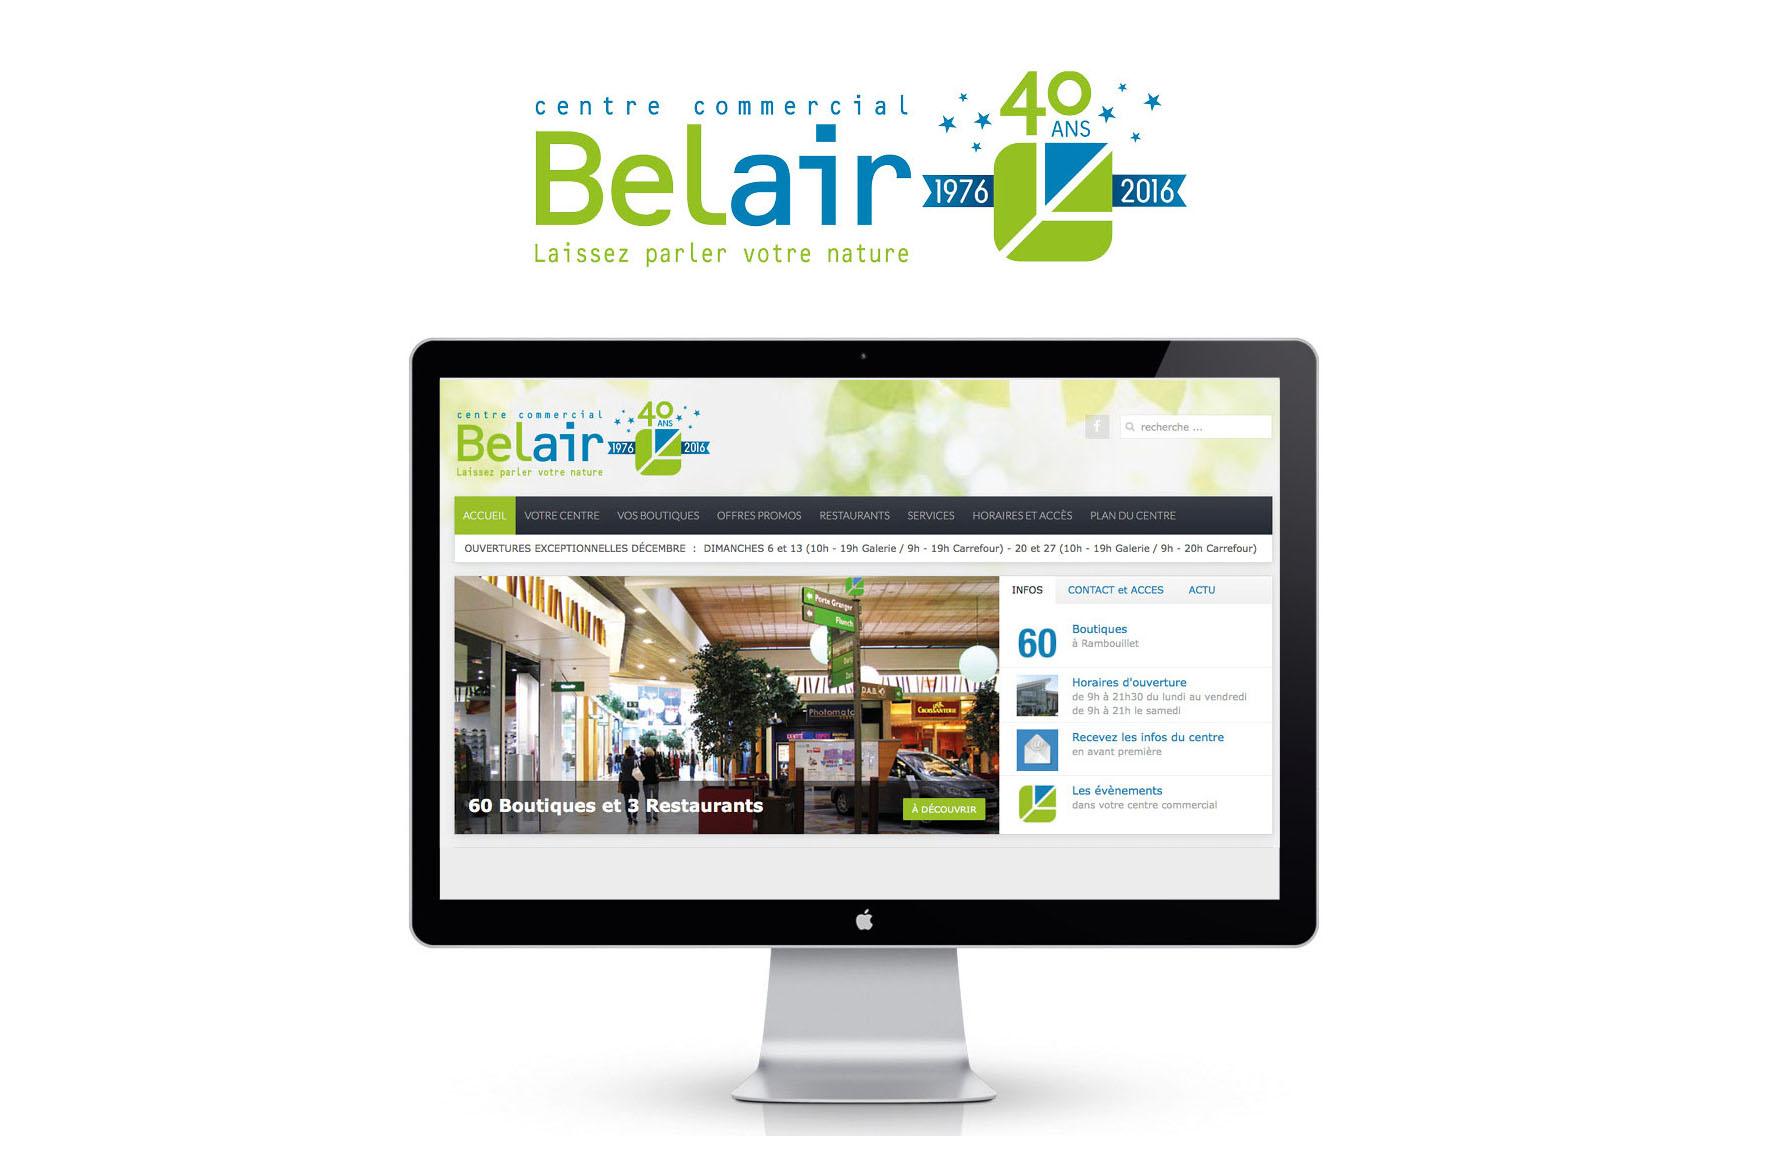 Centre commercial Belair